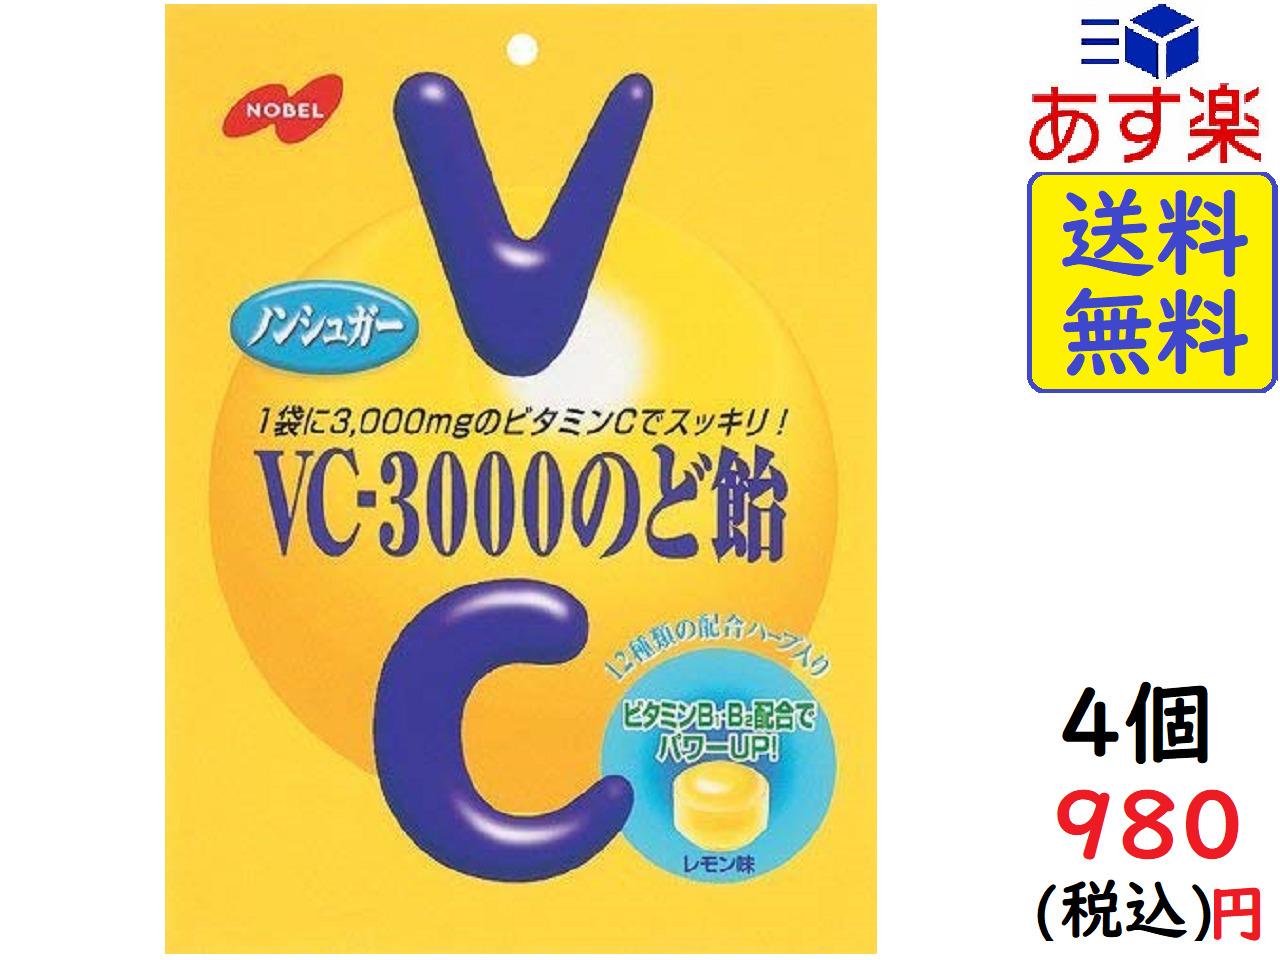 送料無料 あす楽対応 ポスト投函 当店一番人気 ノーベル VC-3000 90g 賞味期限2022 06 数量限定アウトレット最安価格 ×4個 のど飴